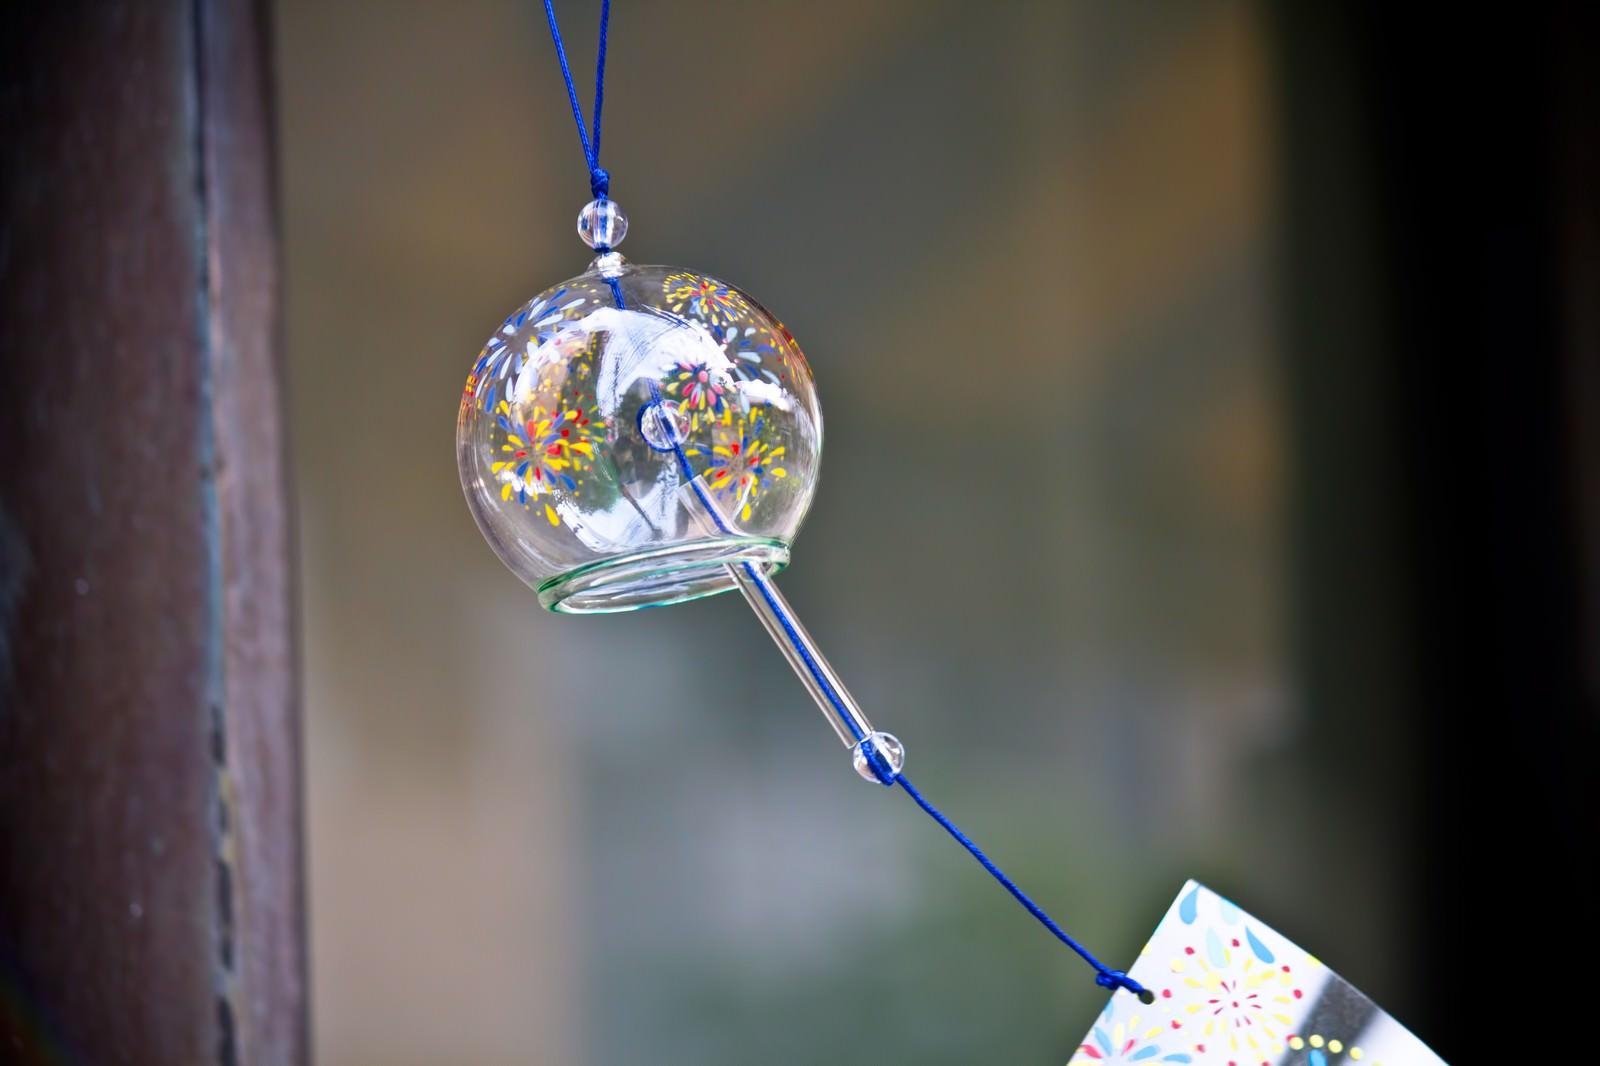 「ガラスの丸い風鈴」の写真